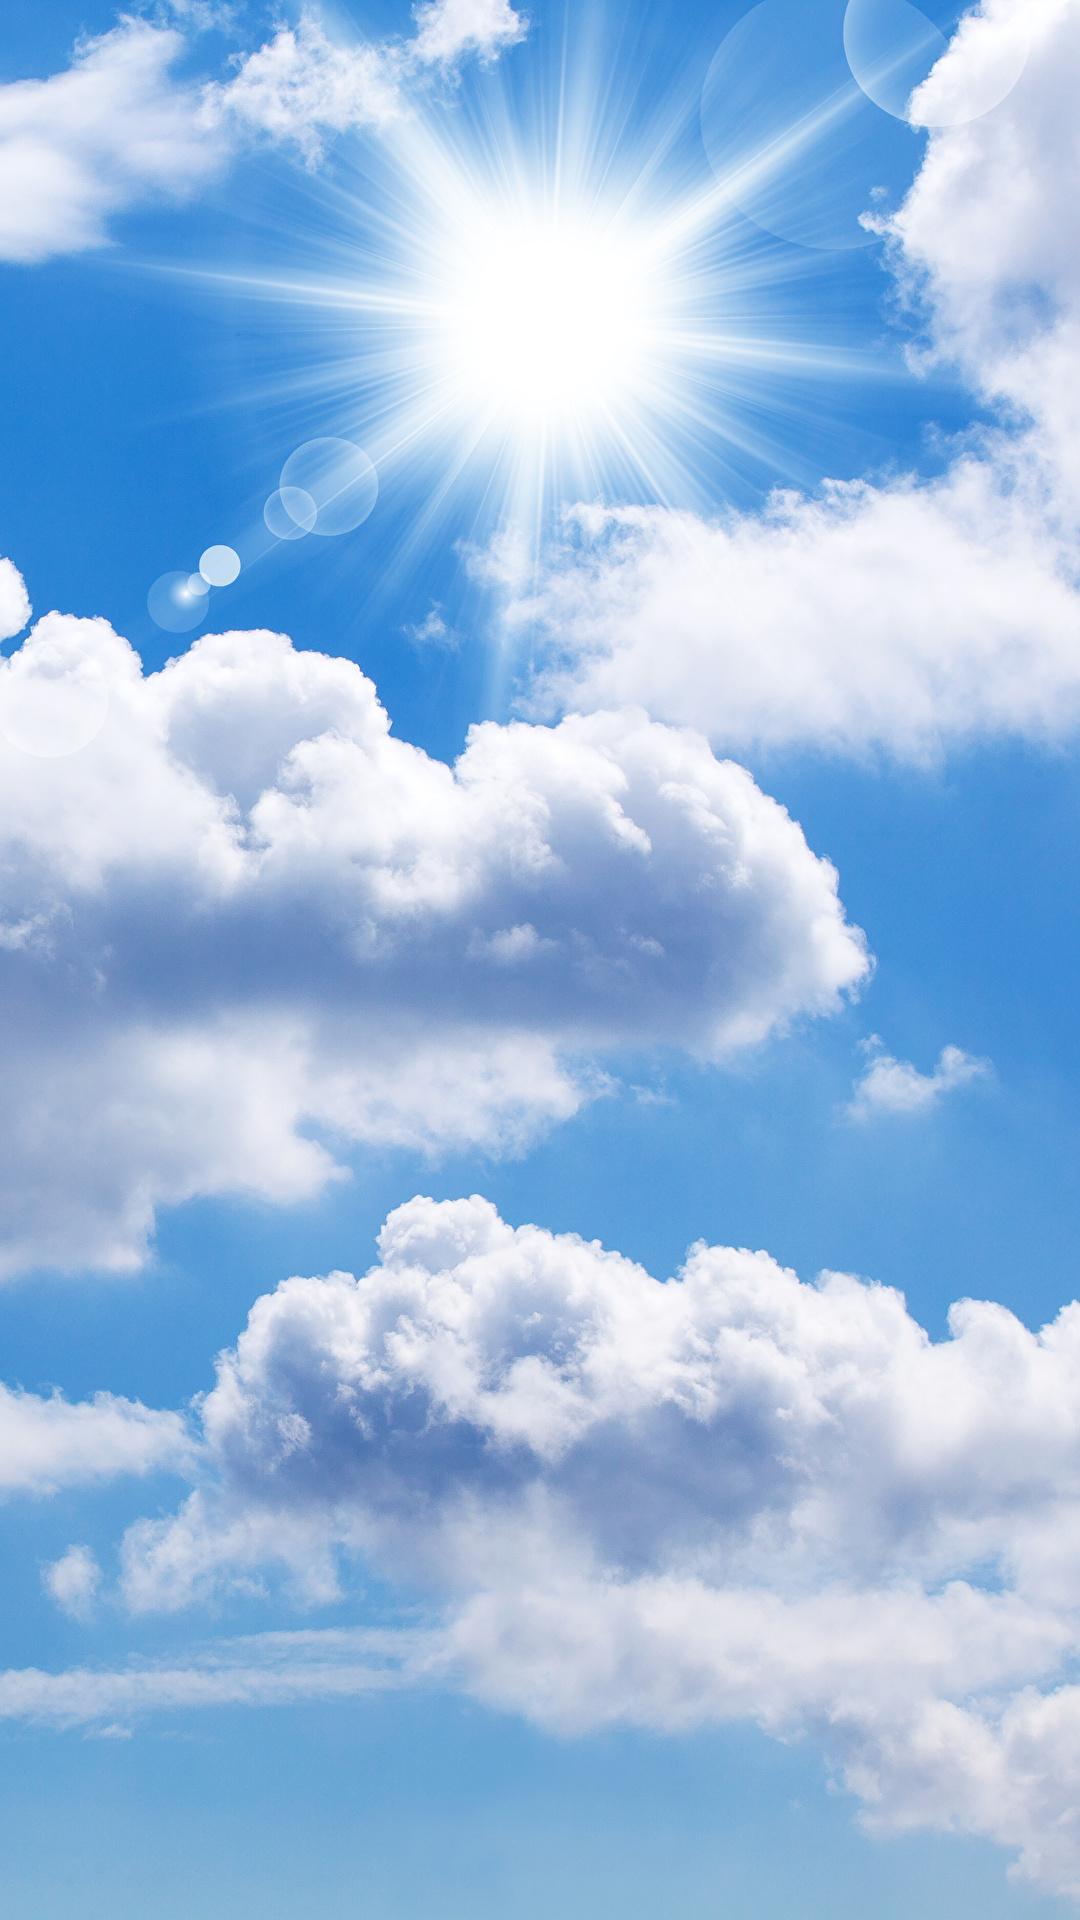 Bilder Natur Sonne Himmel Wolke 1080x1920